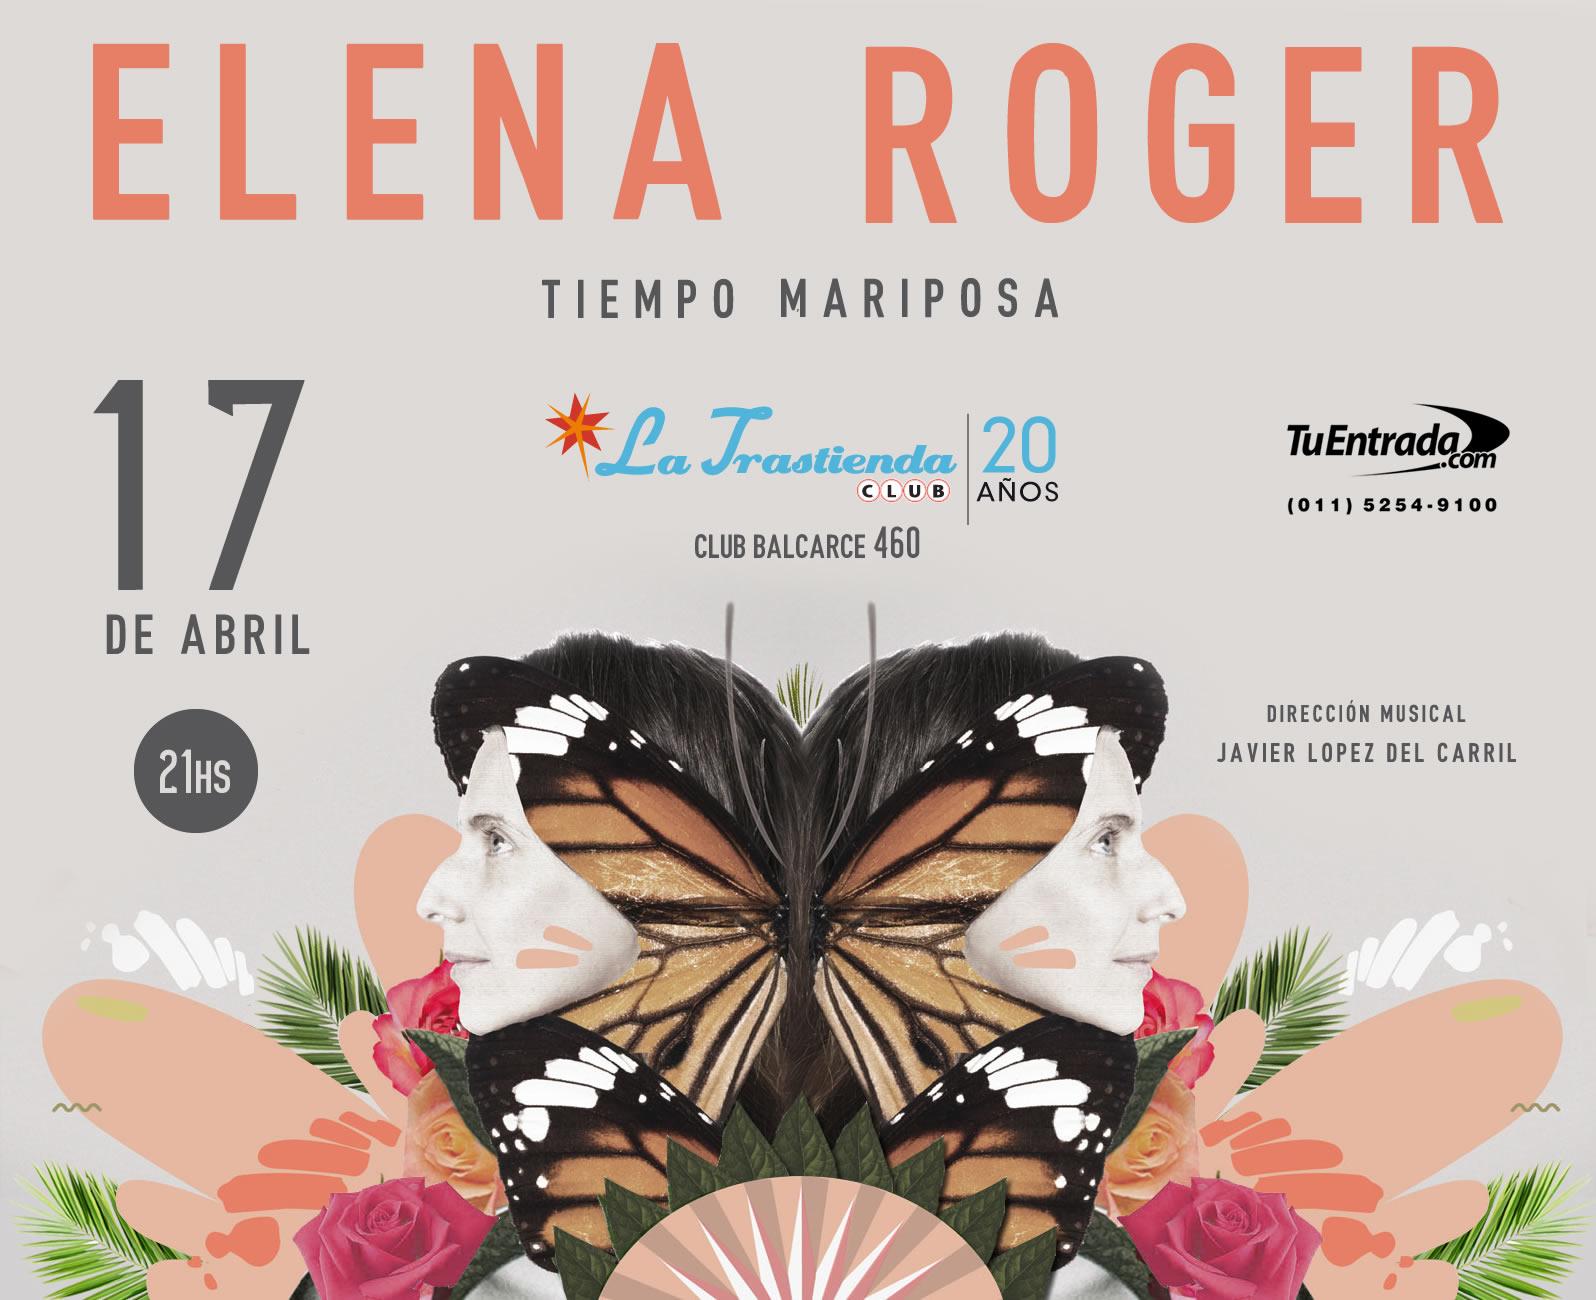 ELENA ROGER EN LA TRASTIENDA – 17 DE ABRIL